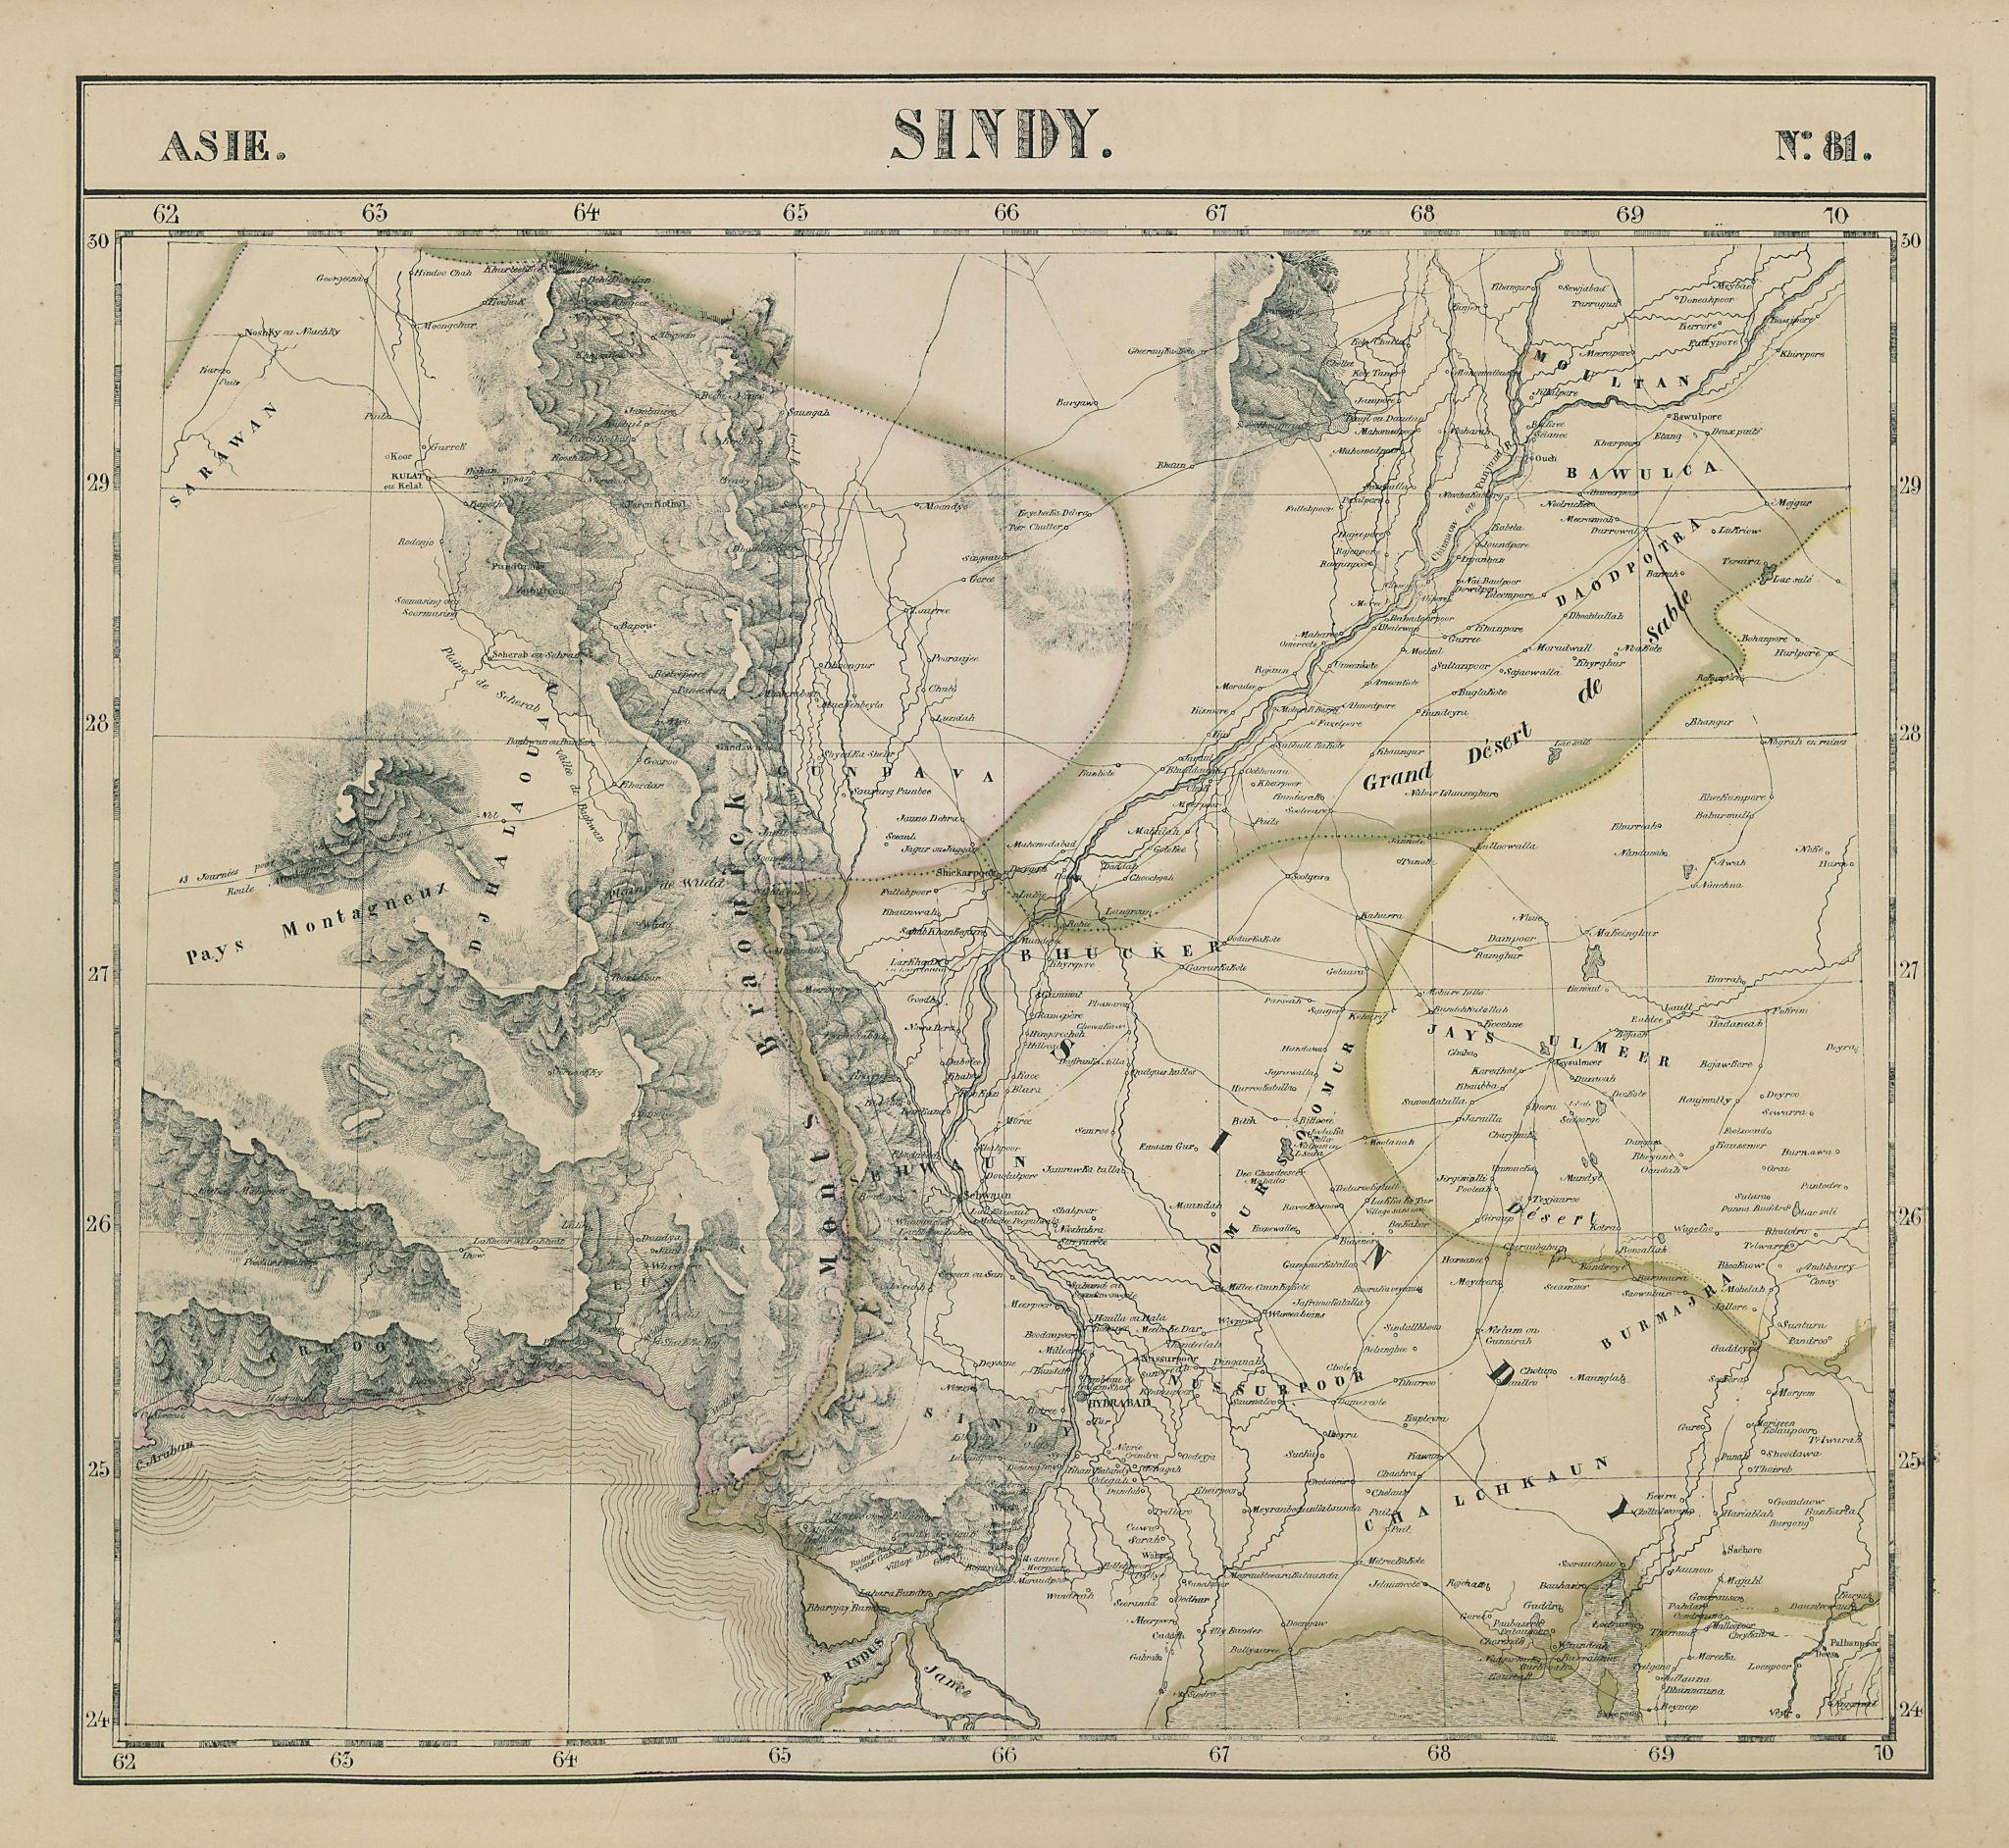 Asie. Sindy #81 SE Pakistan. Western Rajasthan. India VANDERMAELEN 1827 map